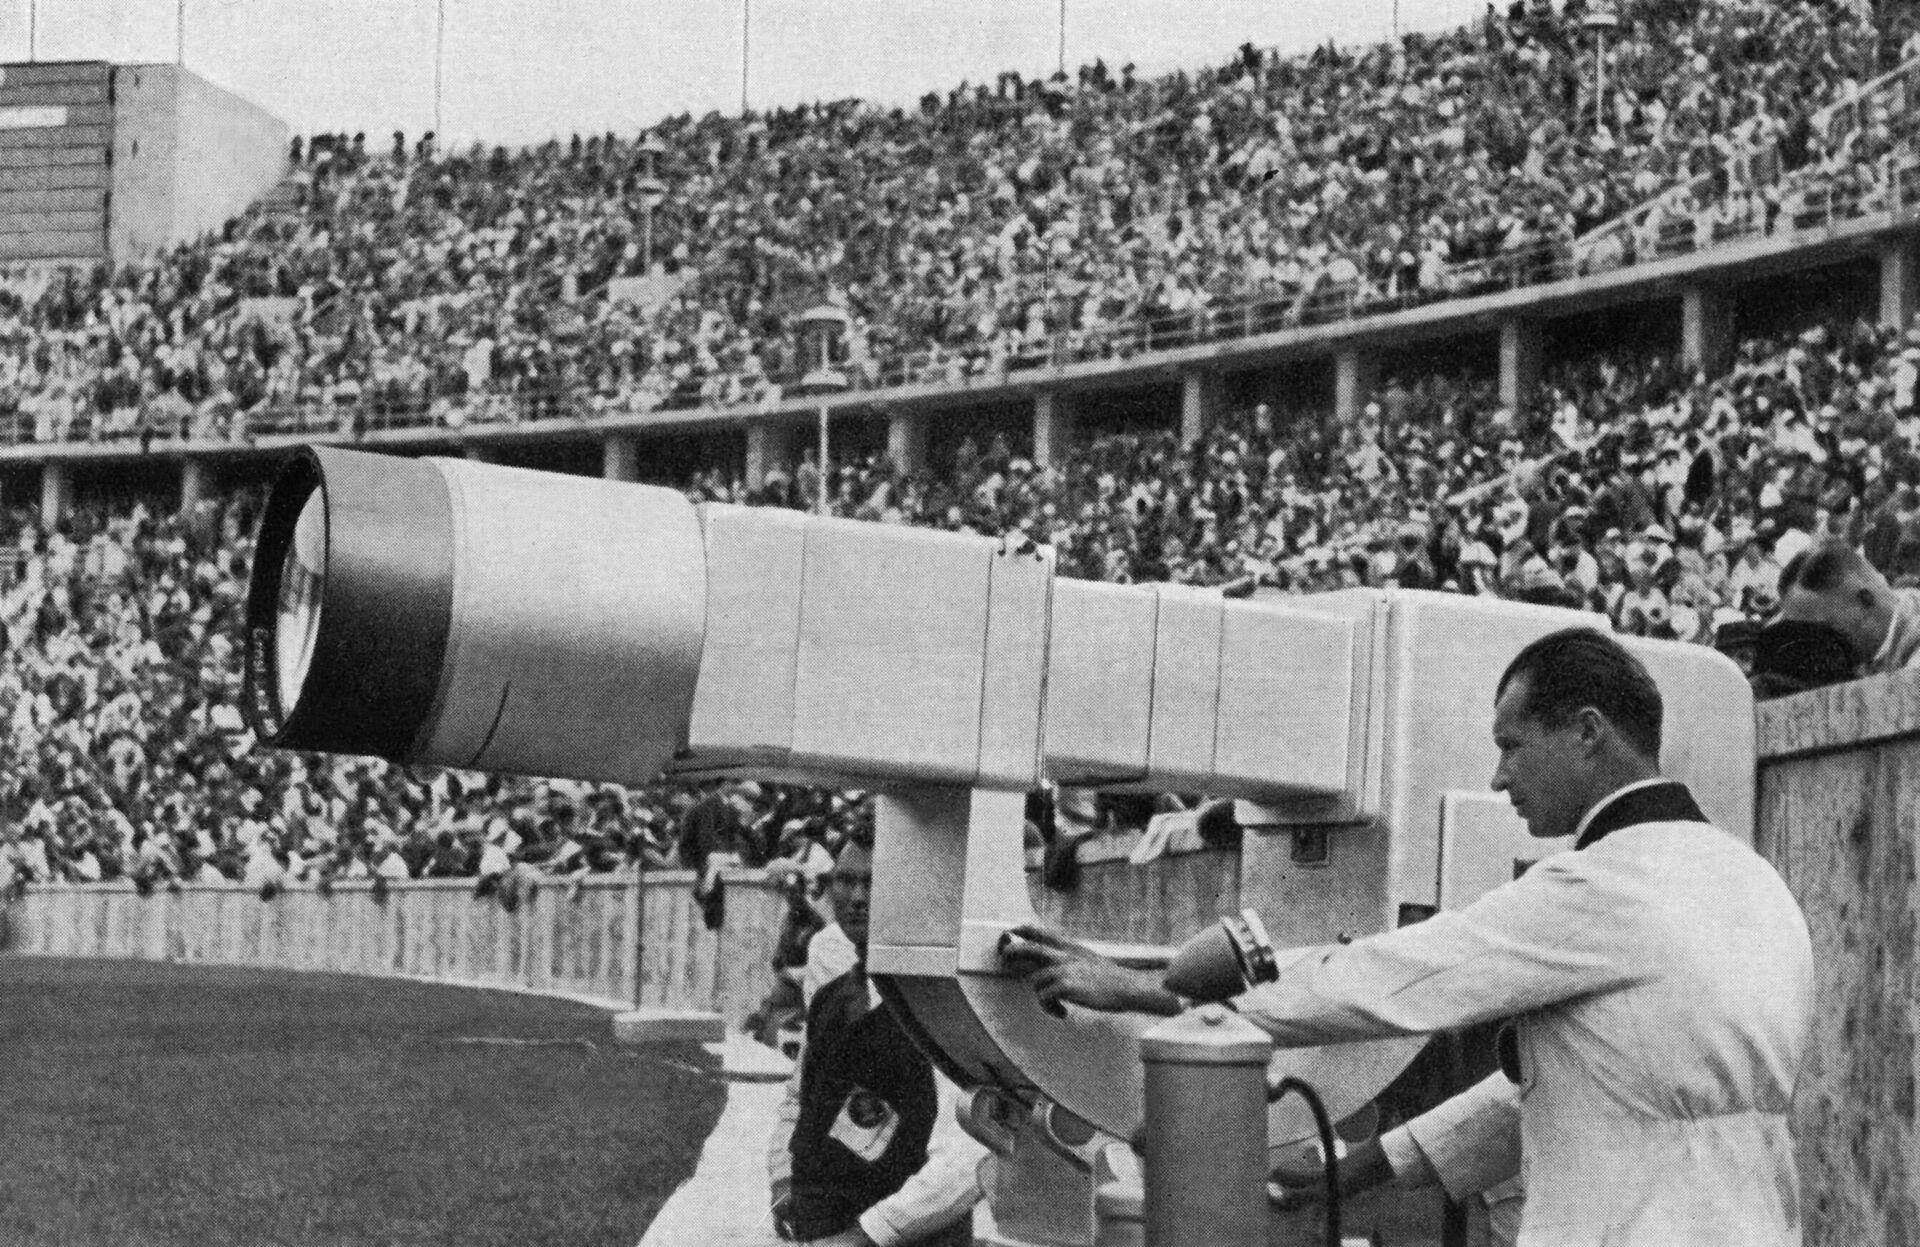 Сотрудник проверяет телекамеру во время Олимпийских игр 1936 года в Берлине - РИА Новости, 1920, 02.07.2021